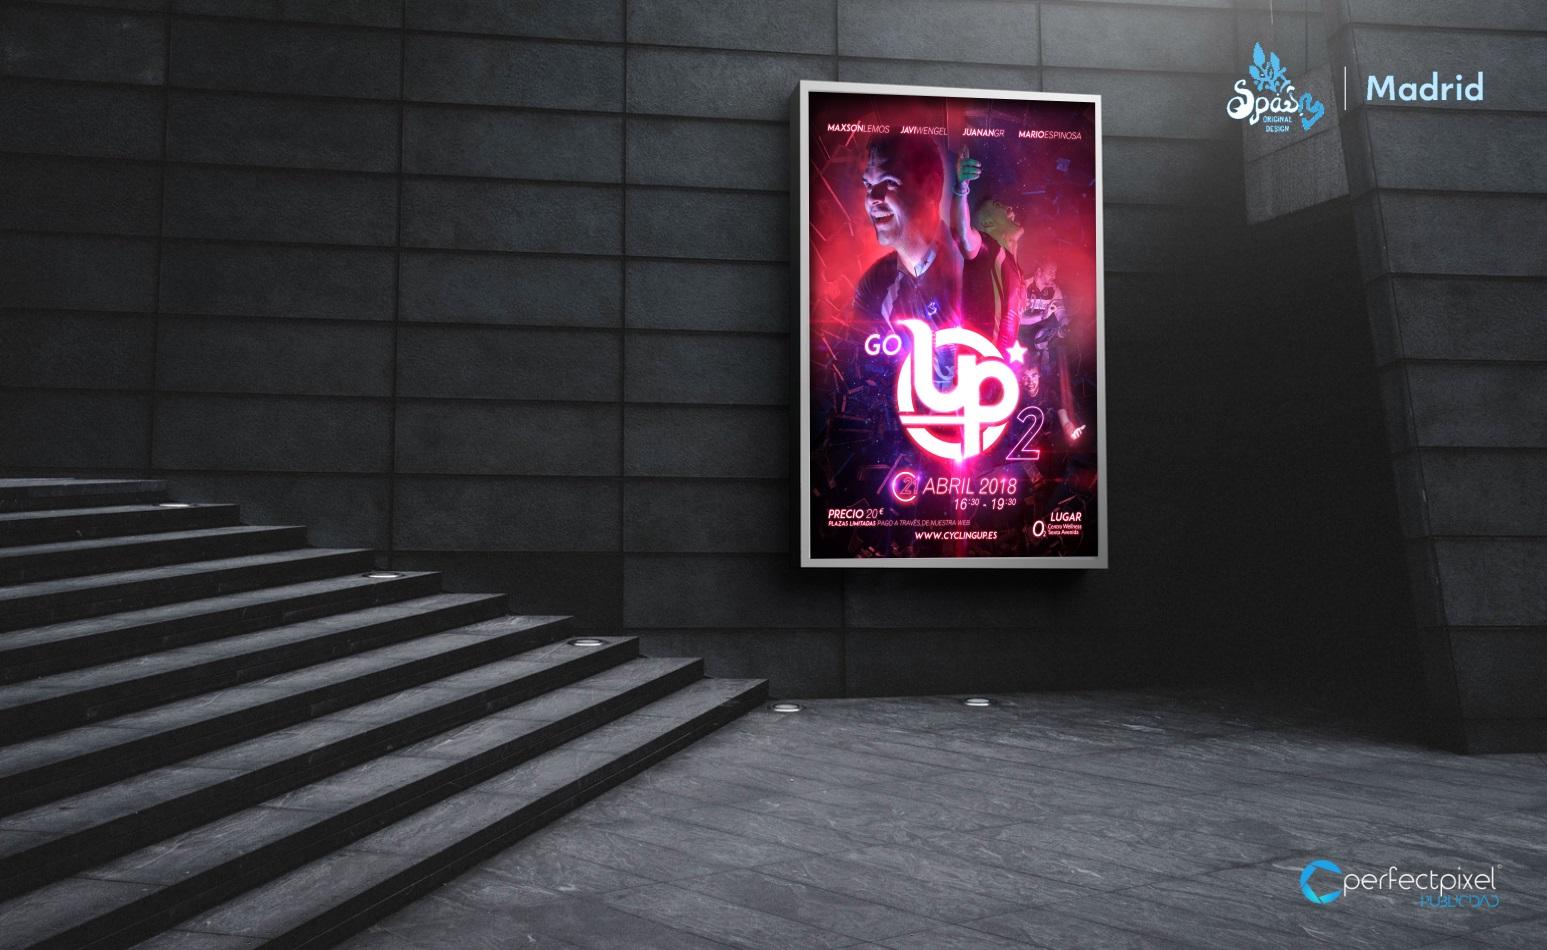 Cartelería profesional para evento - GO Up 3